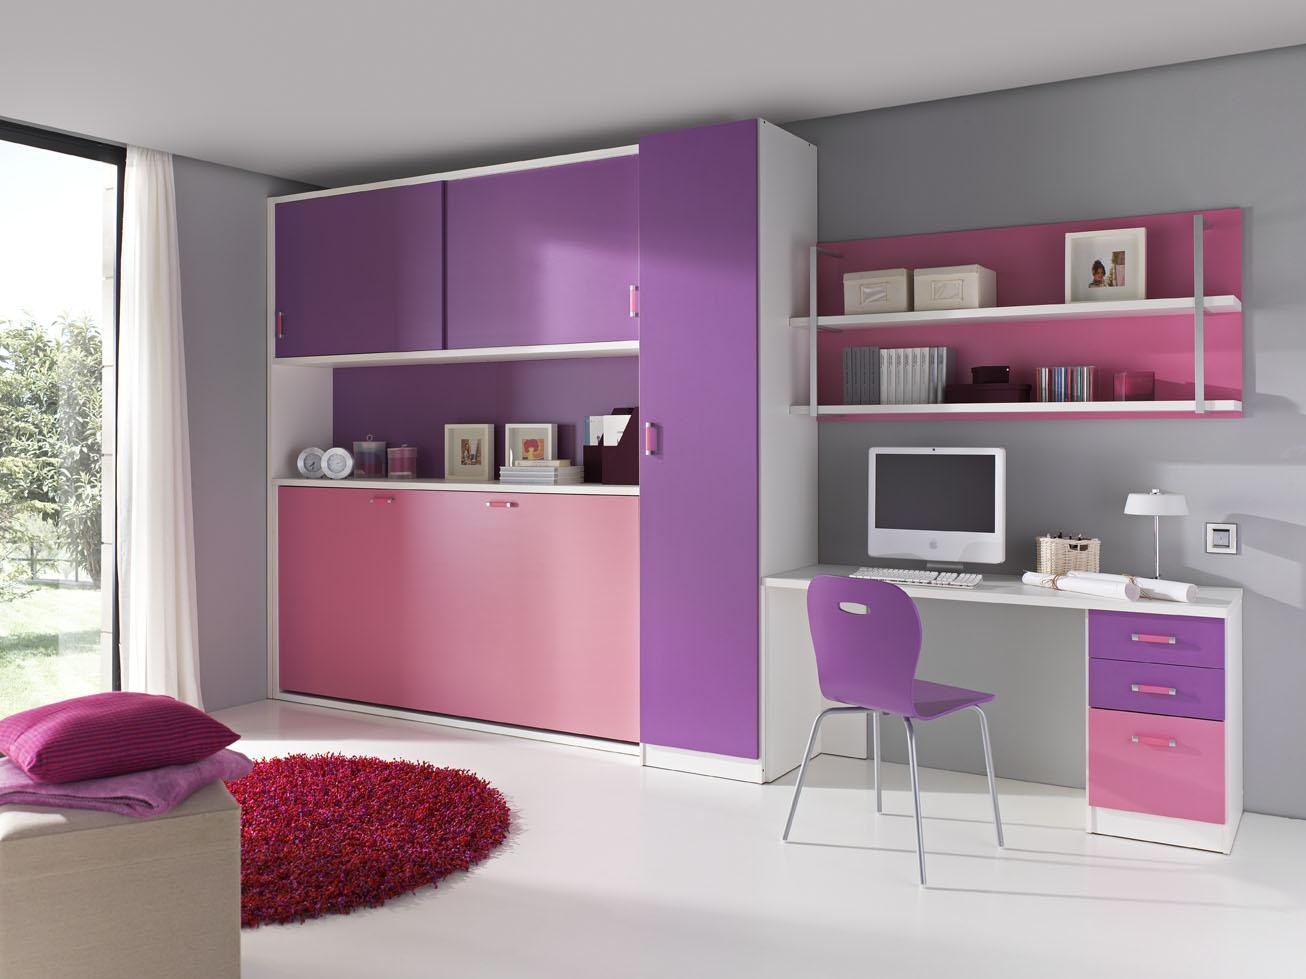 dormitorios y muebles de madera para bebes recien nacidos On muebles de dormitorio